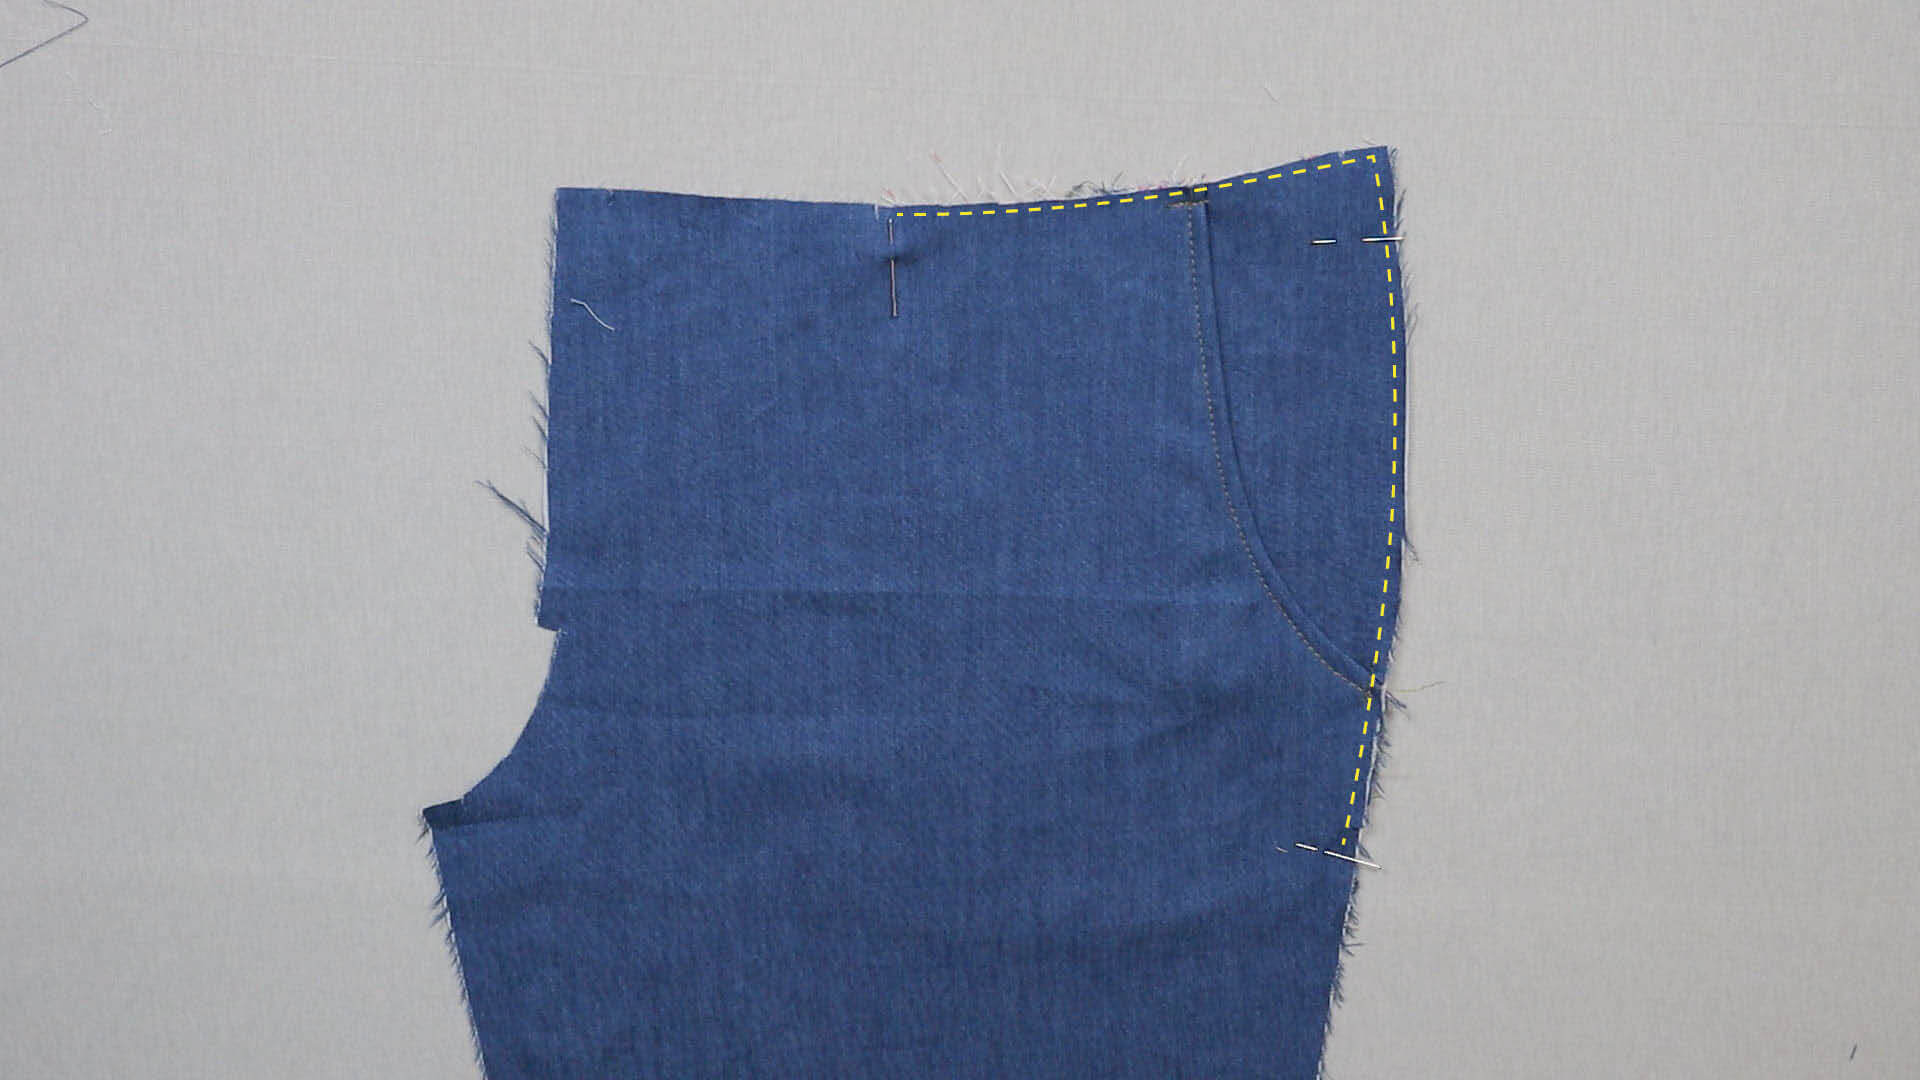 Taschenbeutel mit Hilfsnaht an Außenkante der Vorderhose verbinden